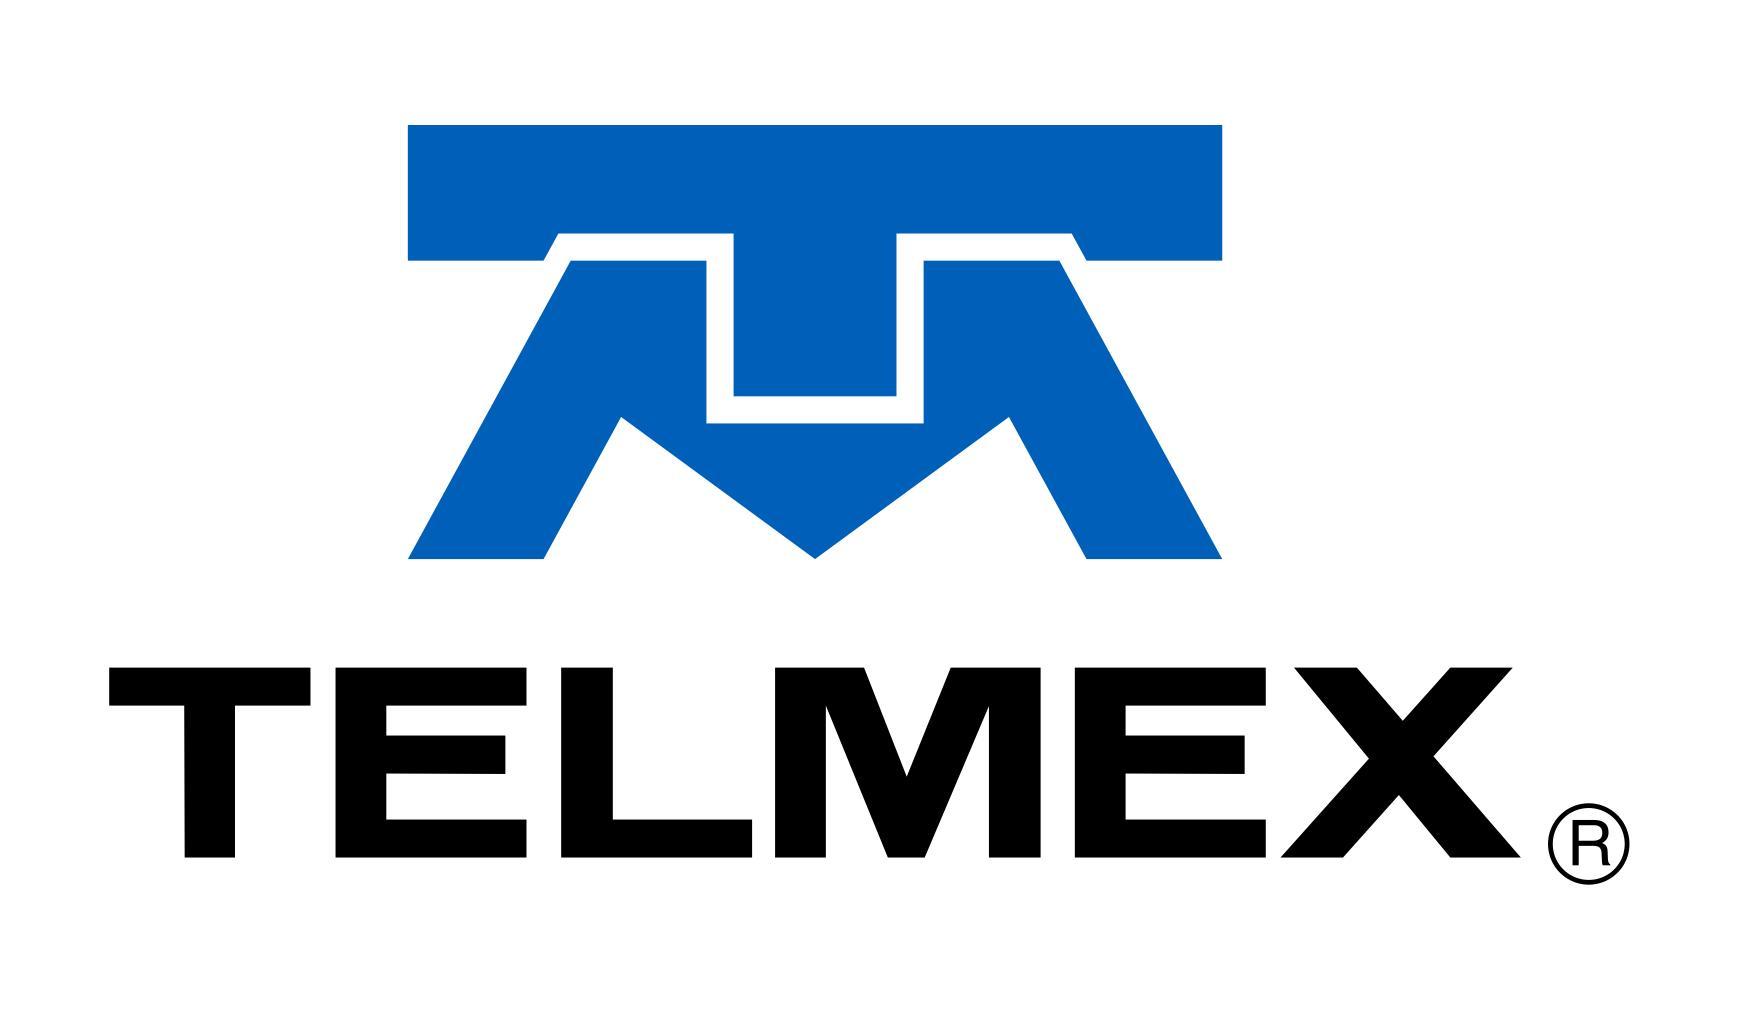 Resultado de imagen para Logotipo Telmex